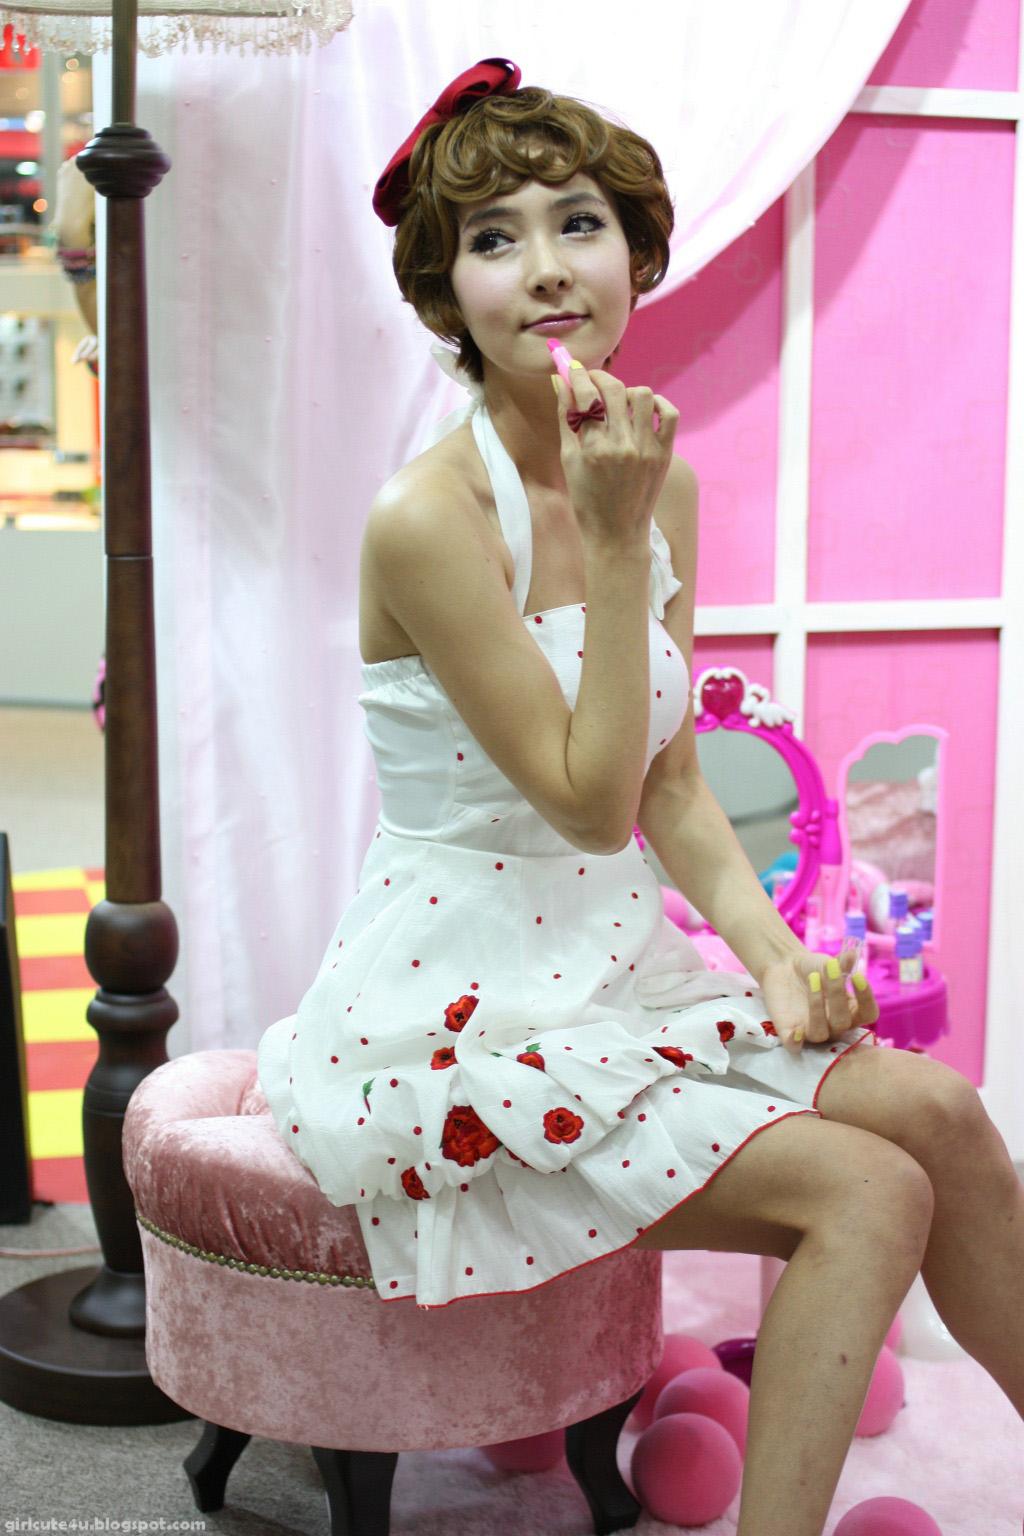 xxx nude girls: Jang Jung Eun, Dungeon & Fighter 2011 Events